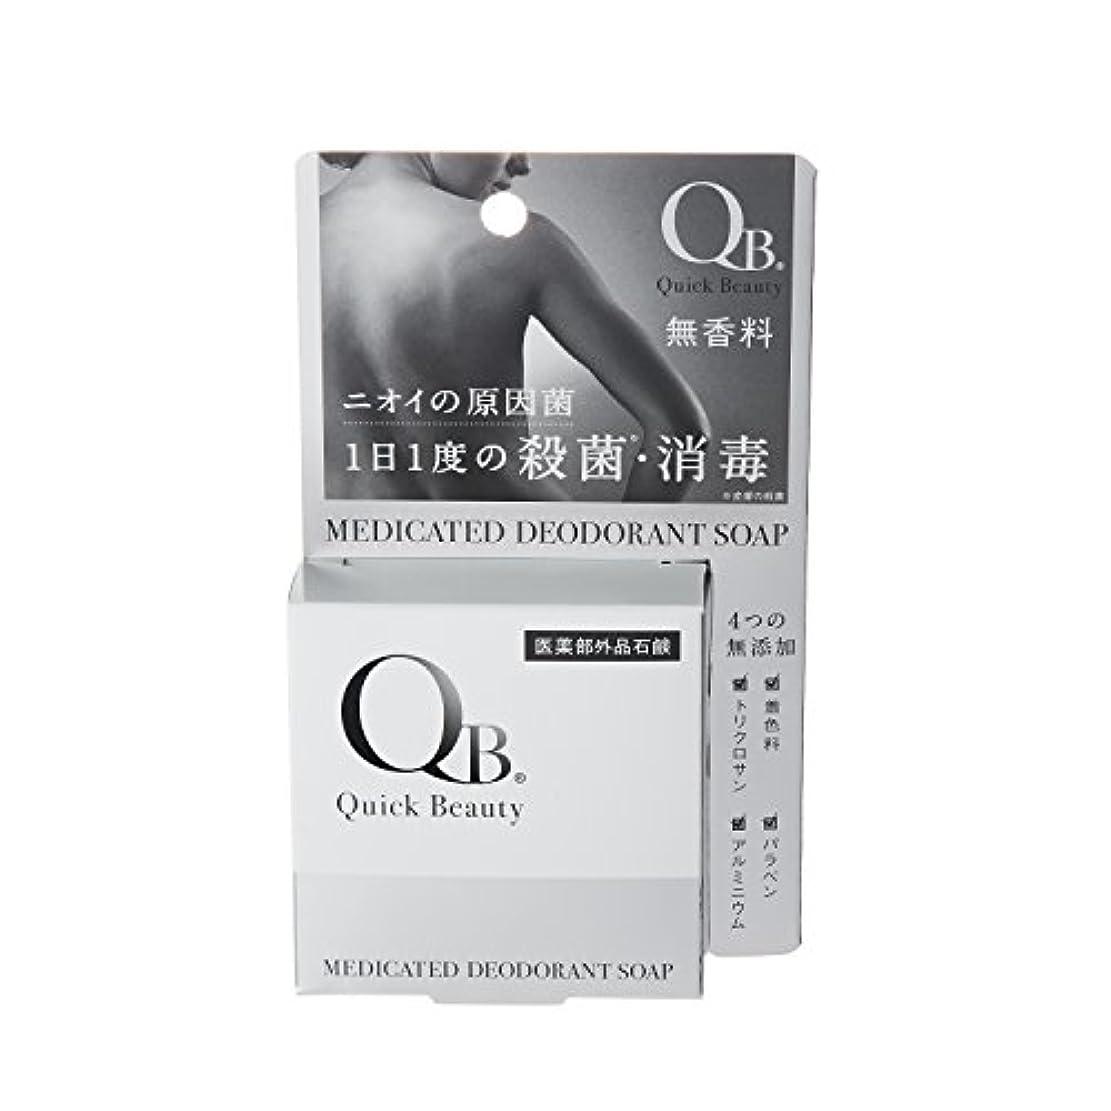 進化織機名誉QB 薬用デオドラントソープ 80g